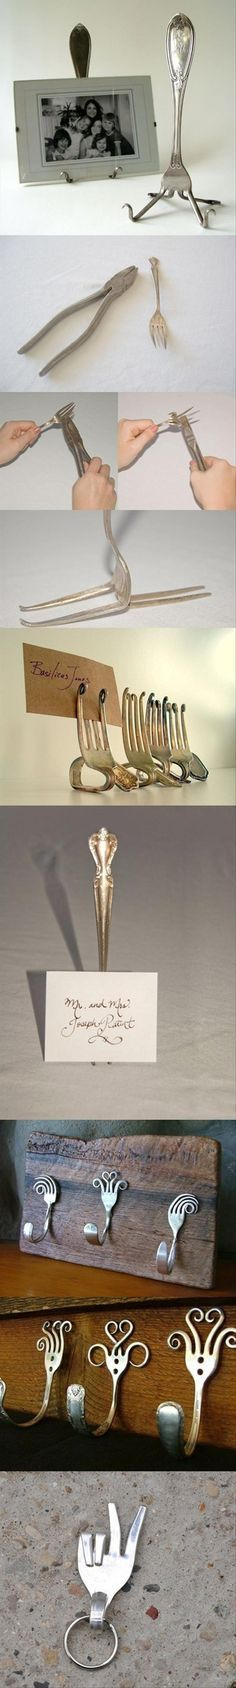 Que puedes hacer con un tenedor viejo